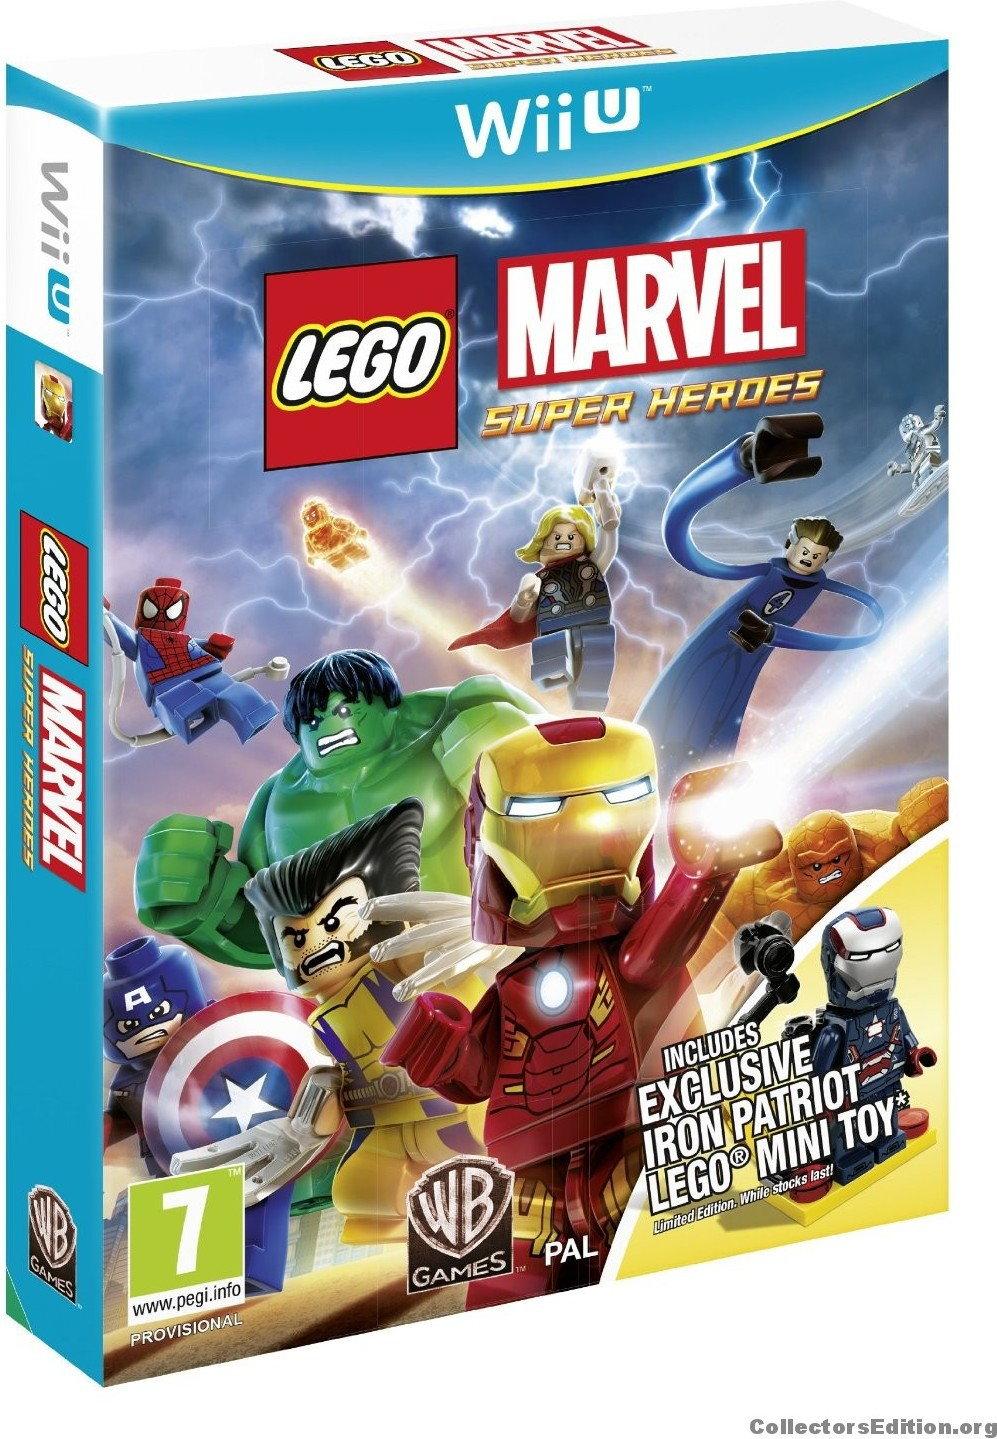 Marvel Super Heroes WiiU